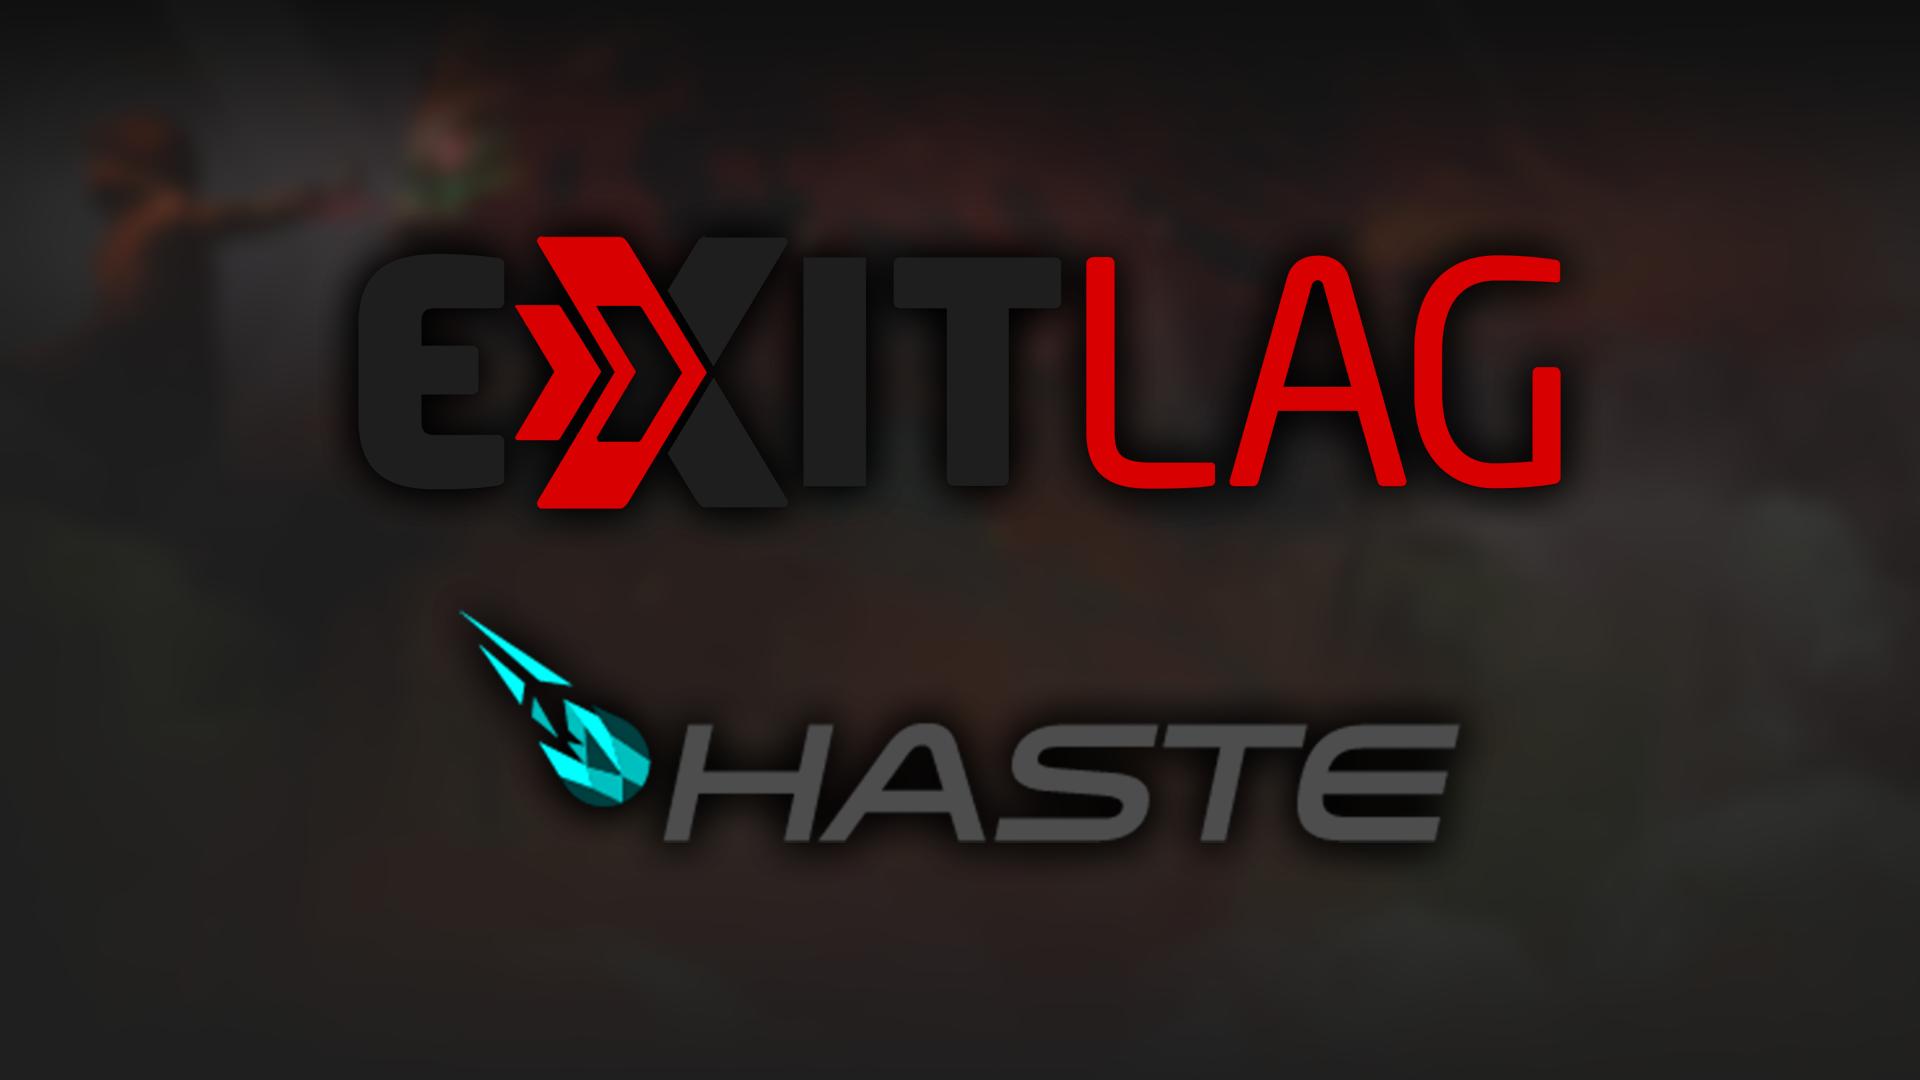 ExitLag Haste